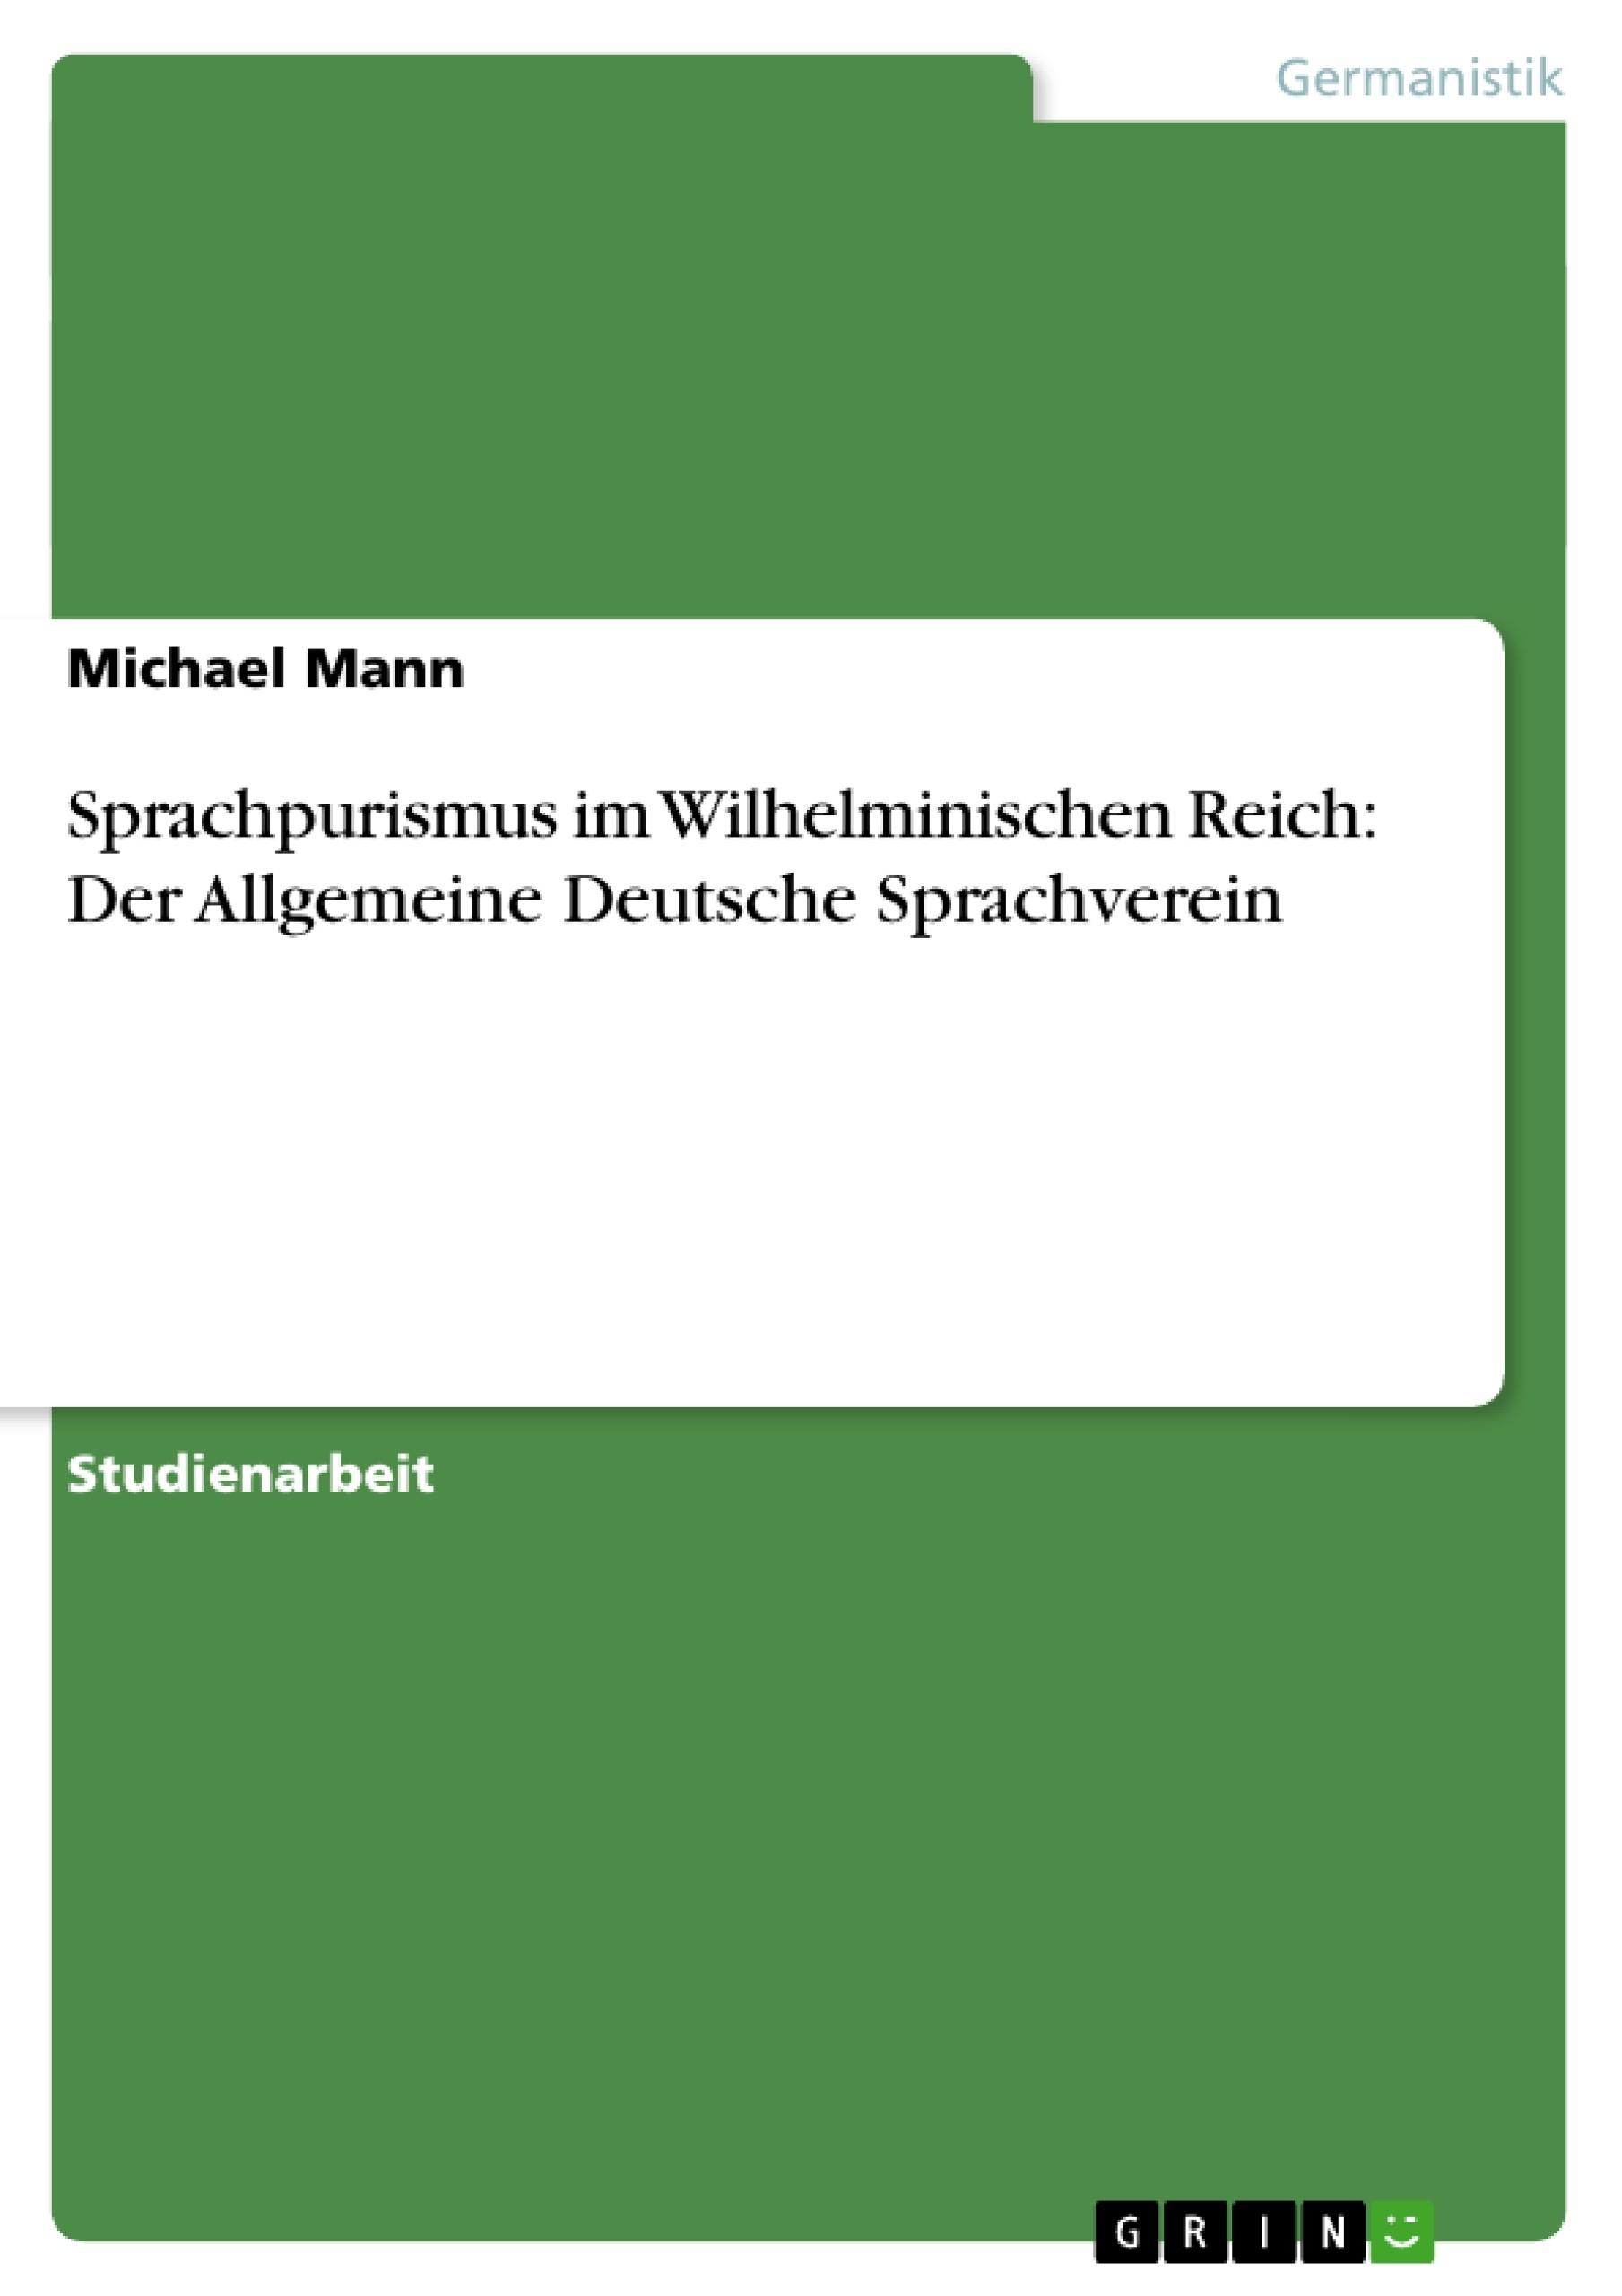 Titel: Sprachpurismus im Wilhelminischen Reich: Der Allgemeine Deutsche Sprachverein